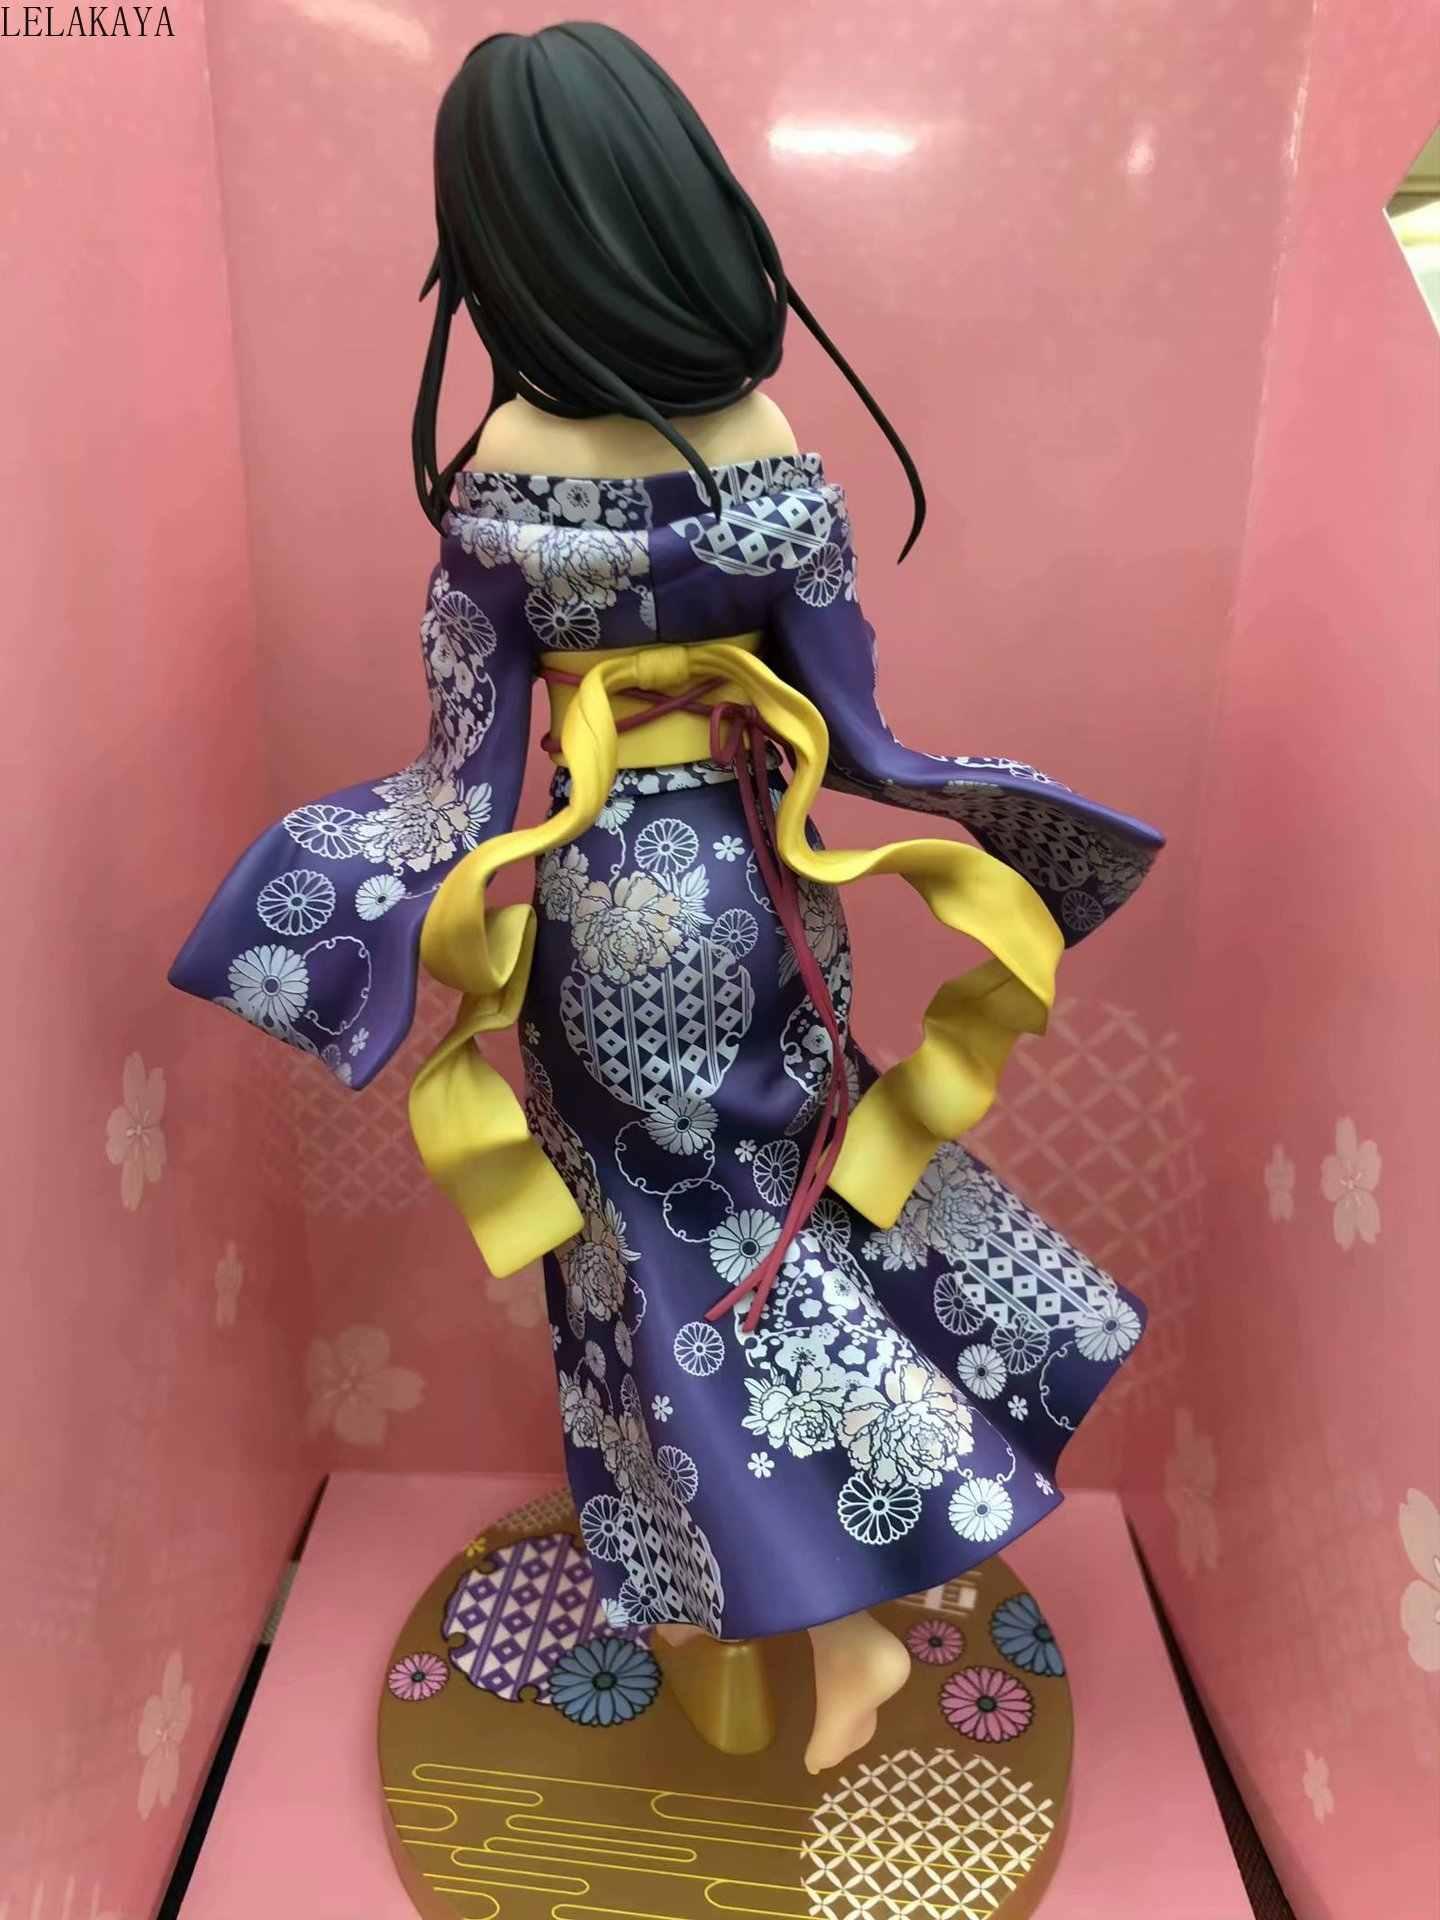 1 pcs anime skytube meu adolescente comédia romântica snafu yukinoshita yukino quimono roupão ver. 1/7 pvc figura de ação modelo boneca de brinquedo